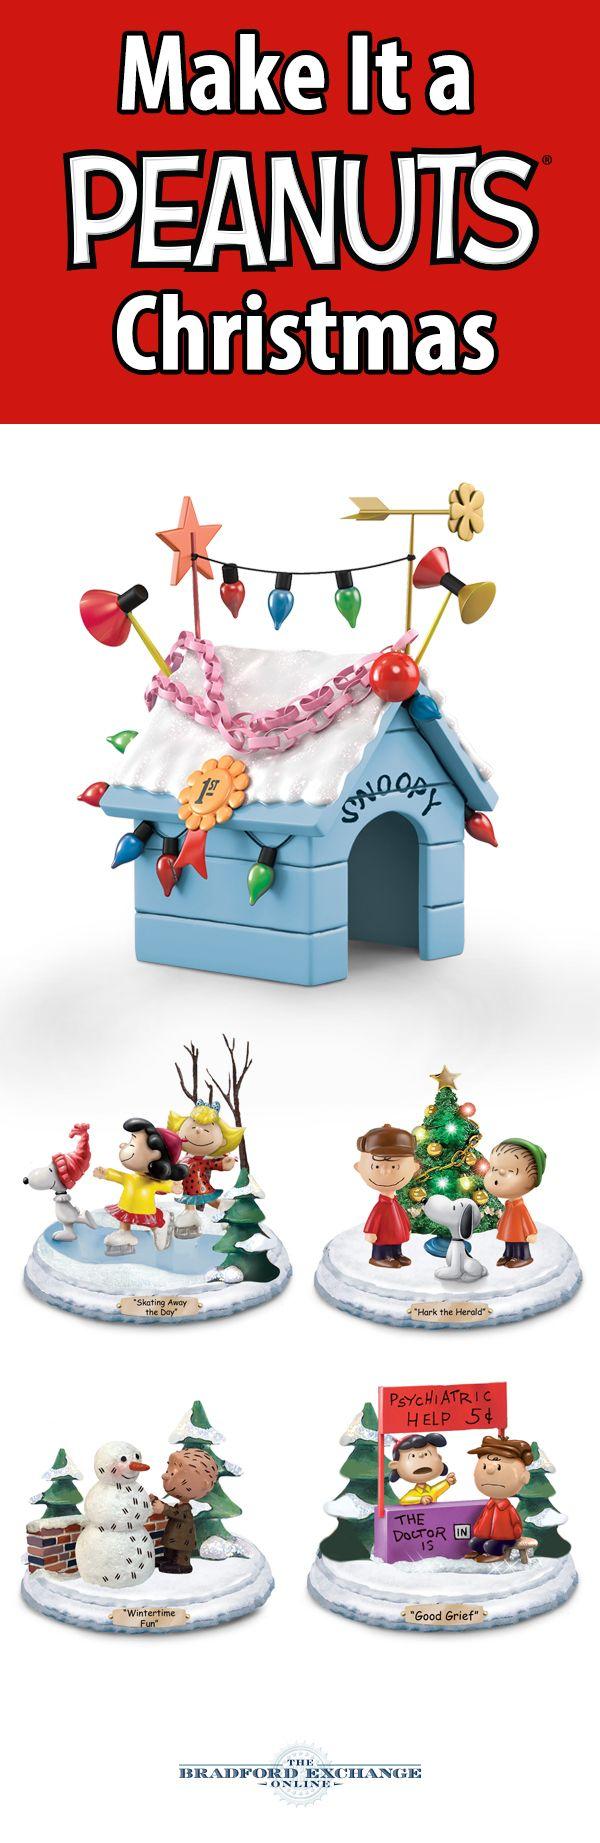 die besten 25 snoopy weihnachtsdekorationen ideen auf. Black Bedroom Furniture Sets. Home Design Ideas